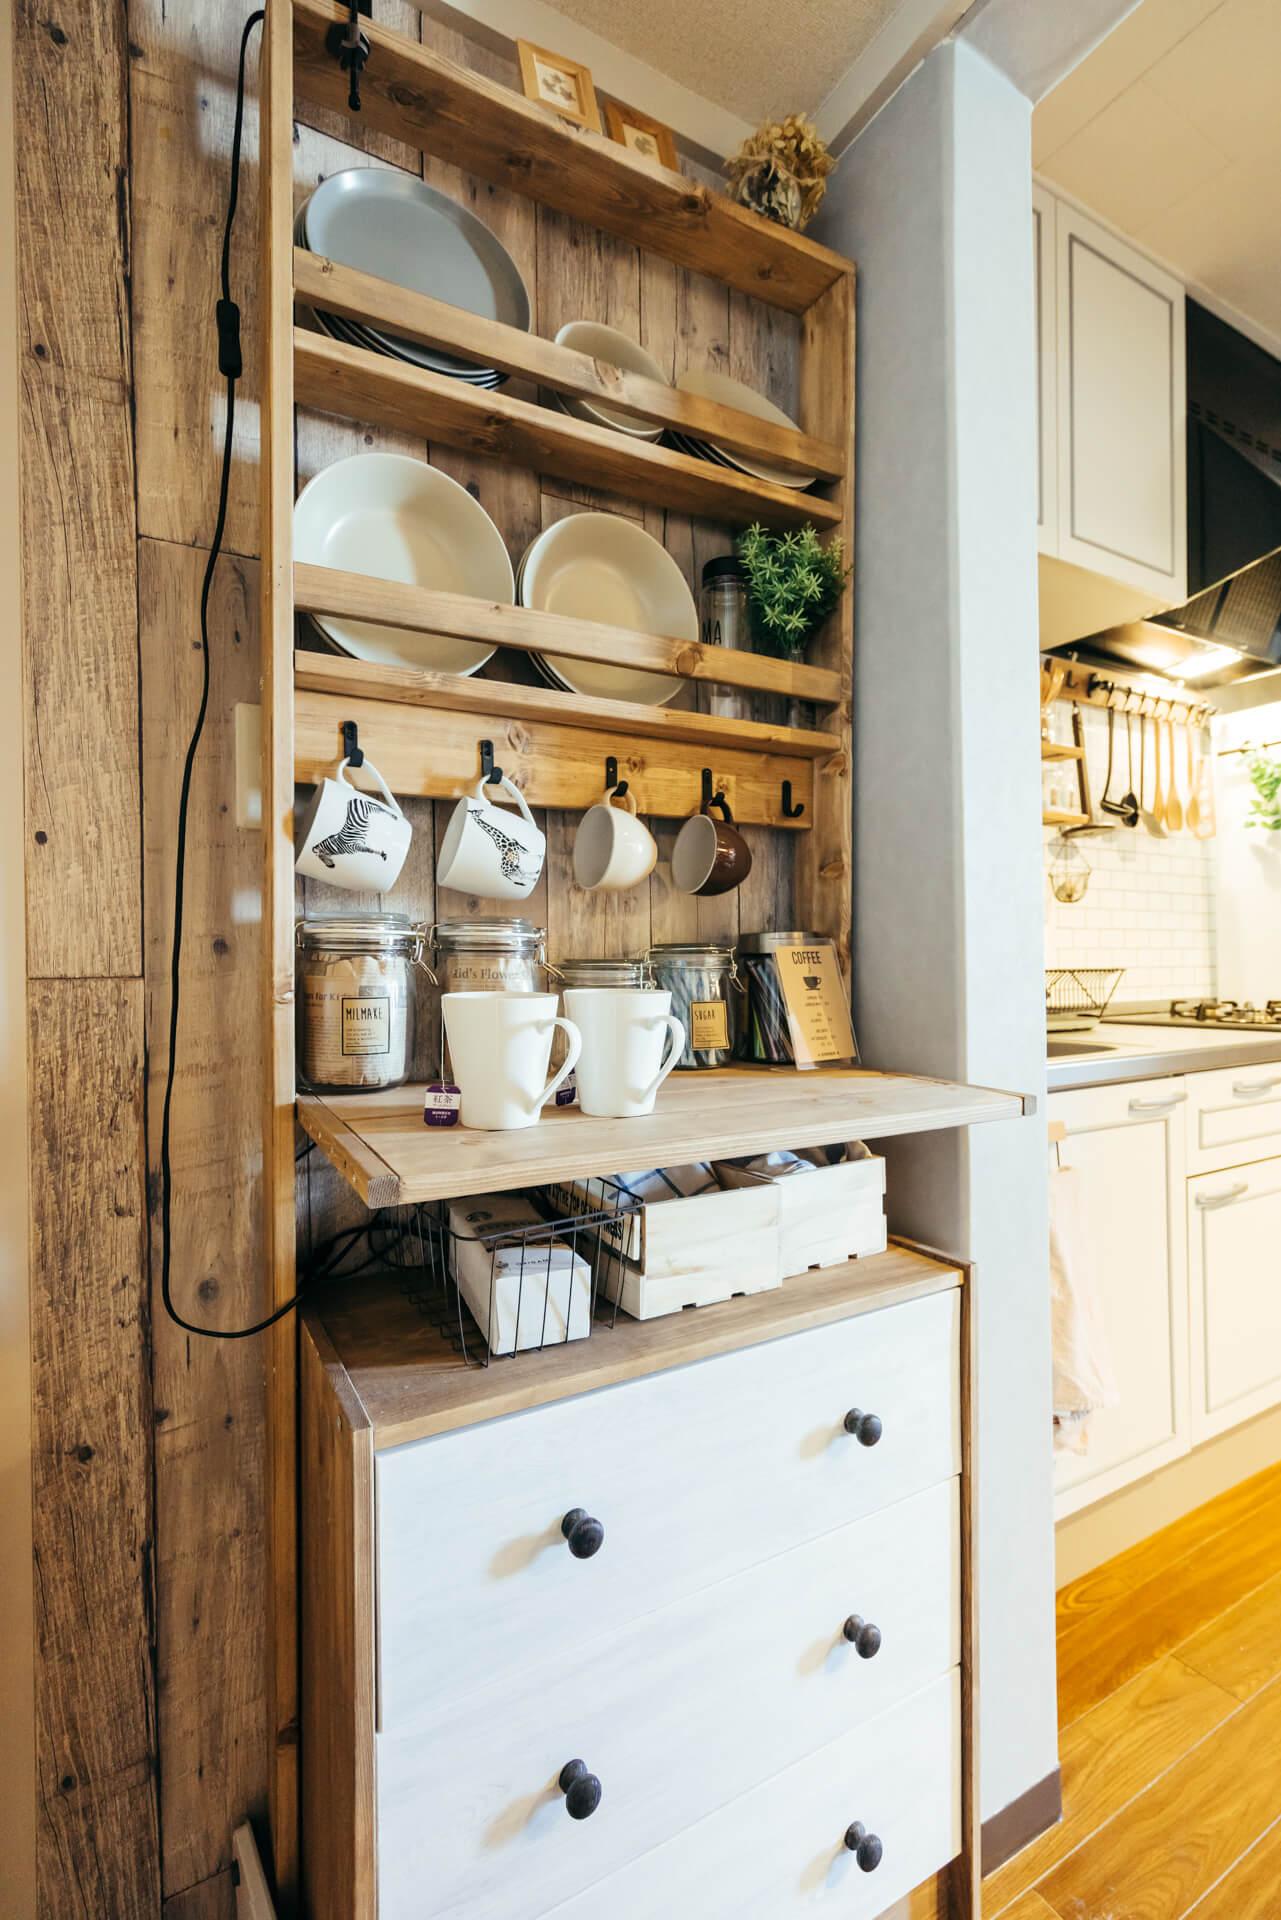 お皿やカップがそれぞれ専用の位置におさまる食器棚